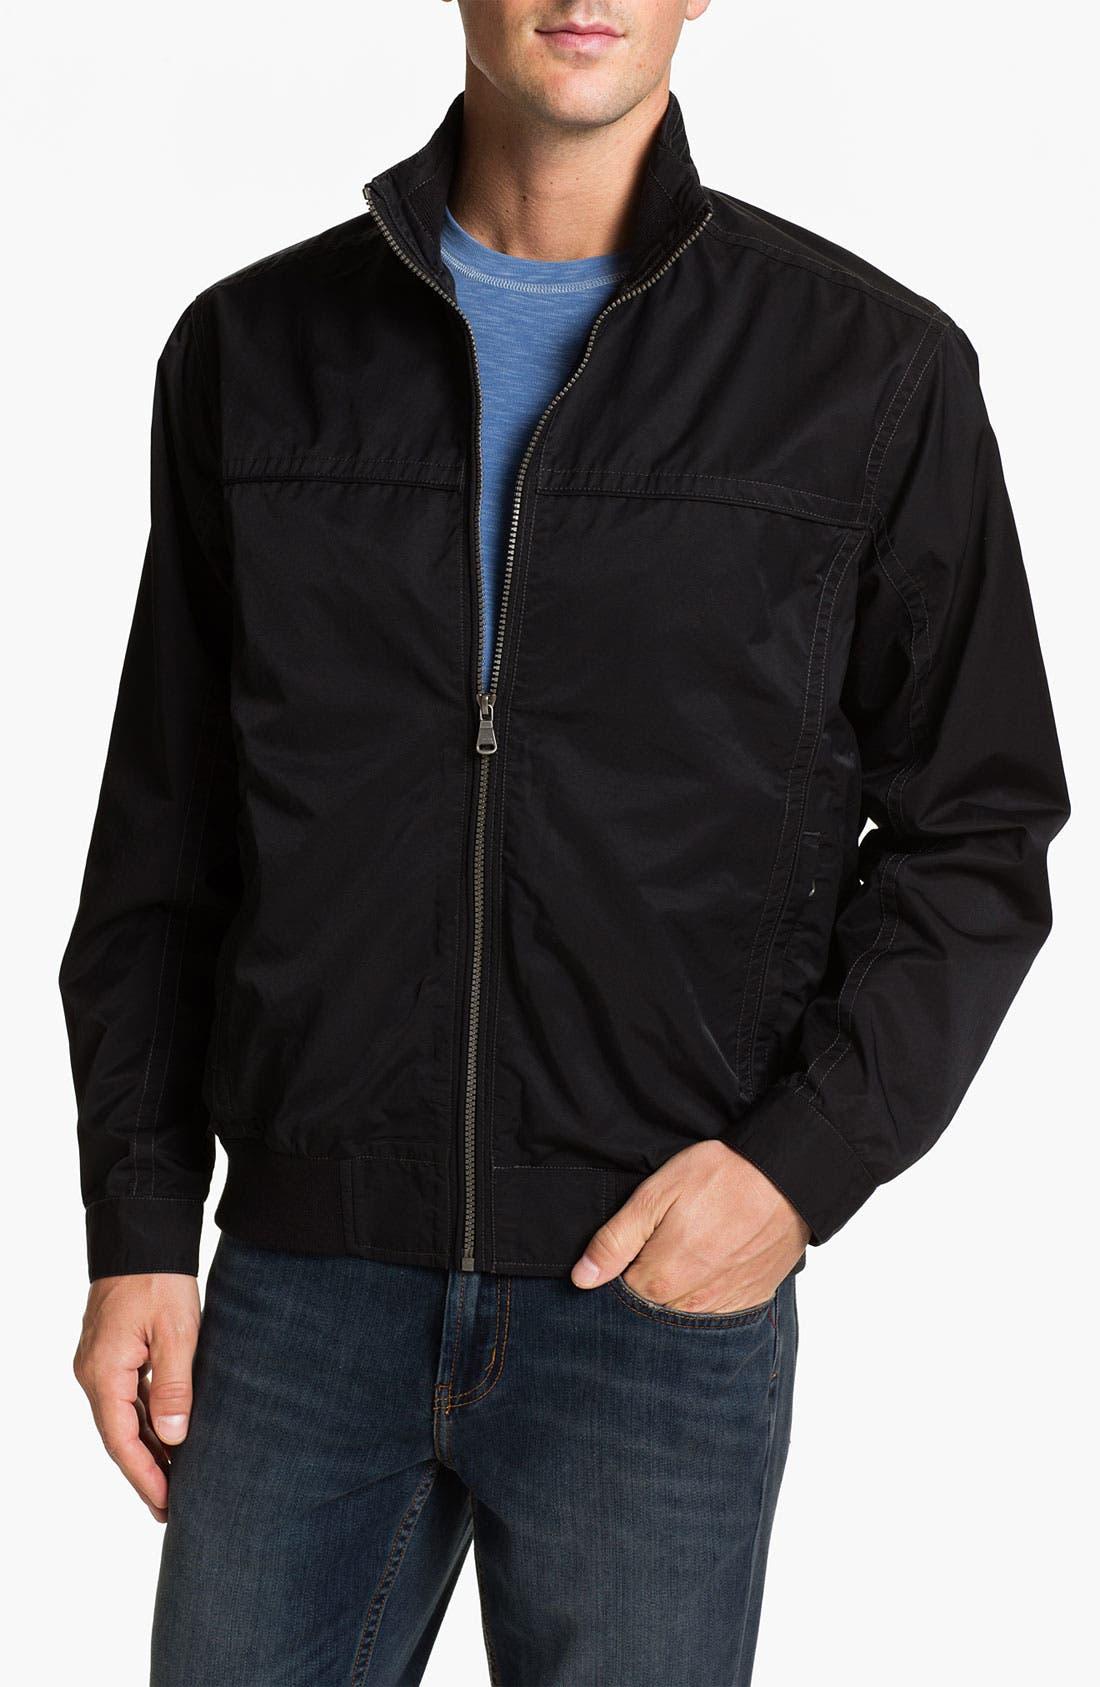 Alternate Image 1 Selected - Tommy Bahama 'Eisenhower' Jacket (Big & Tall)